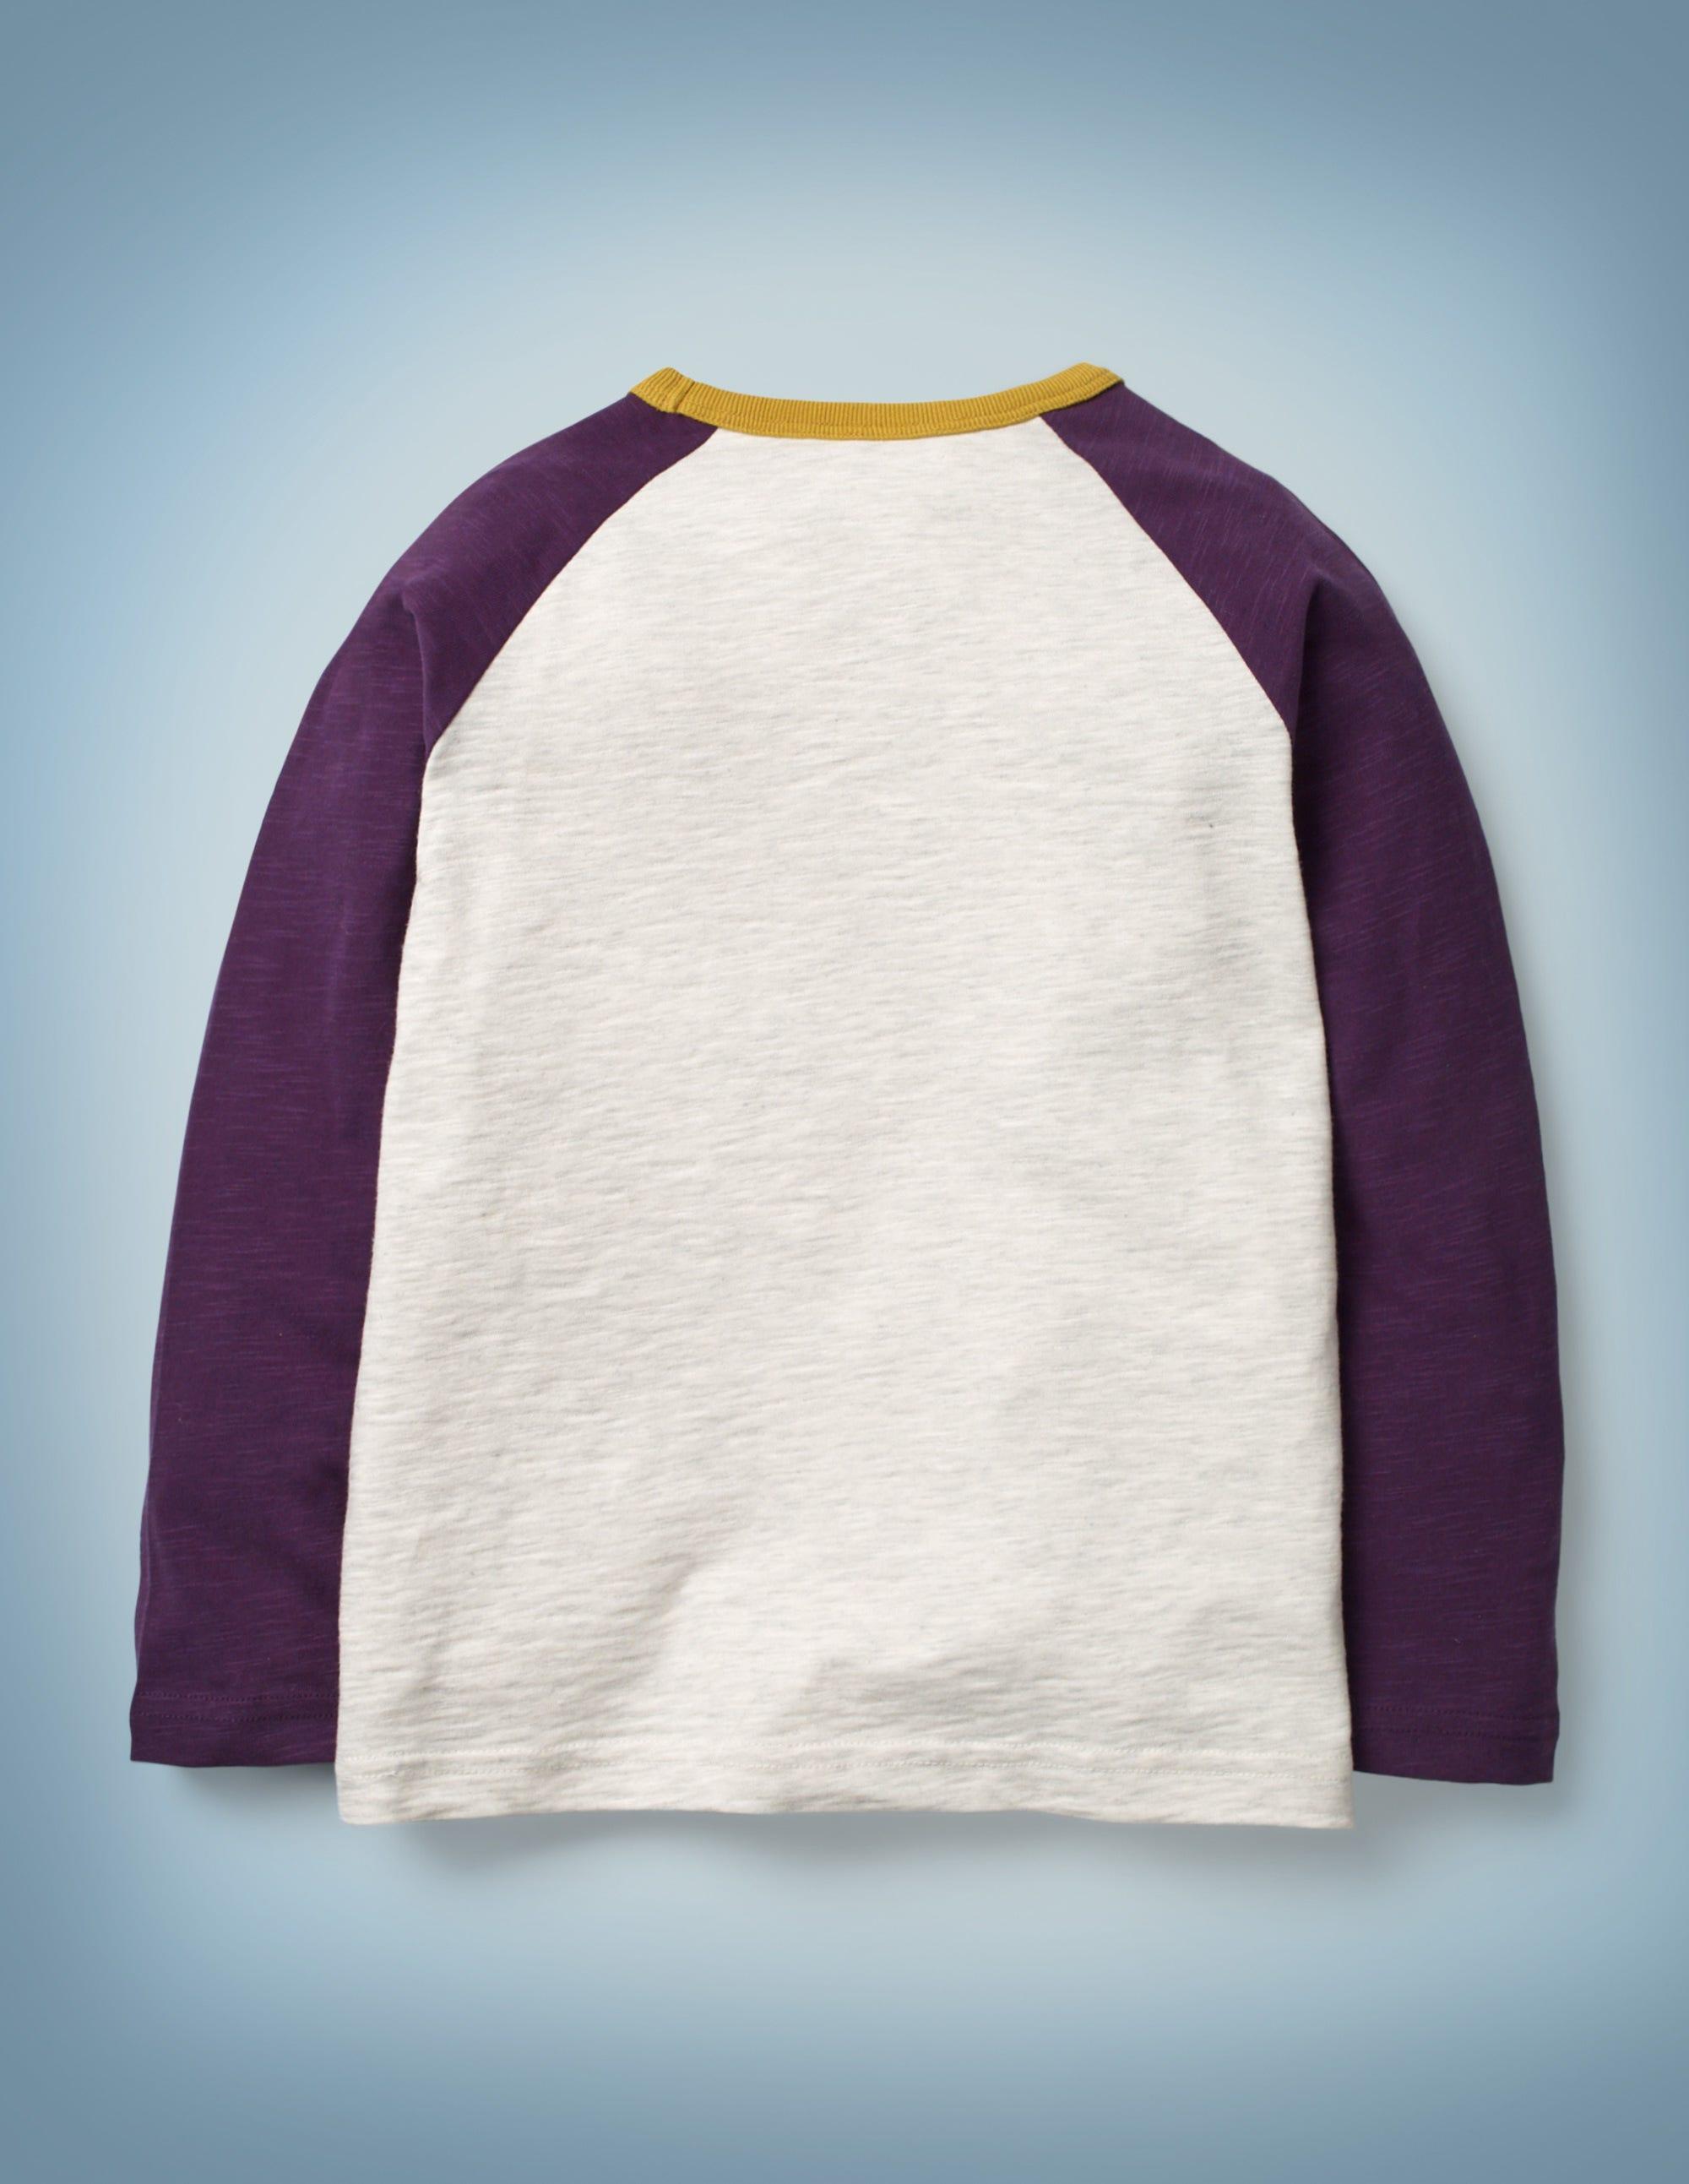 Vska Mens Pure Color Blouse Bottom Crewneck Flexible Fit Pullover T-Shirts Purple S